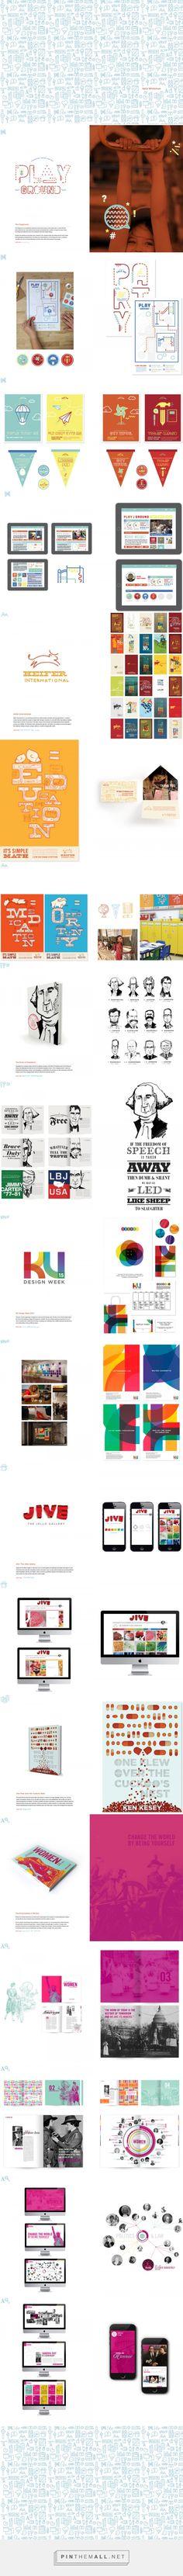 Senior Portfolio - KU Visual Communication - created via   - communication on resume